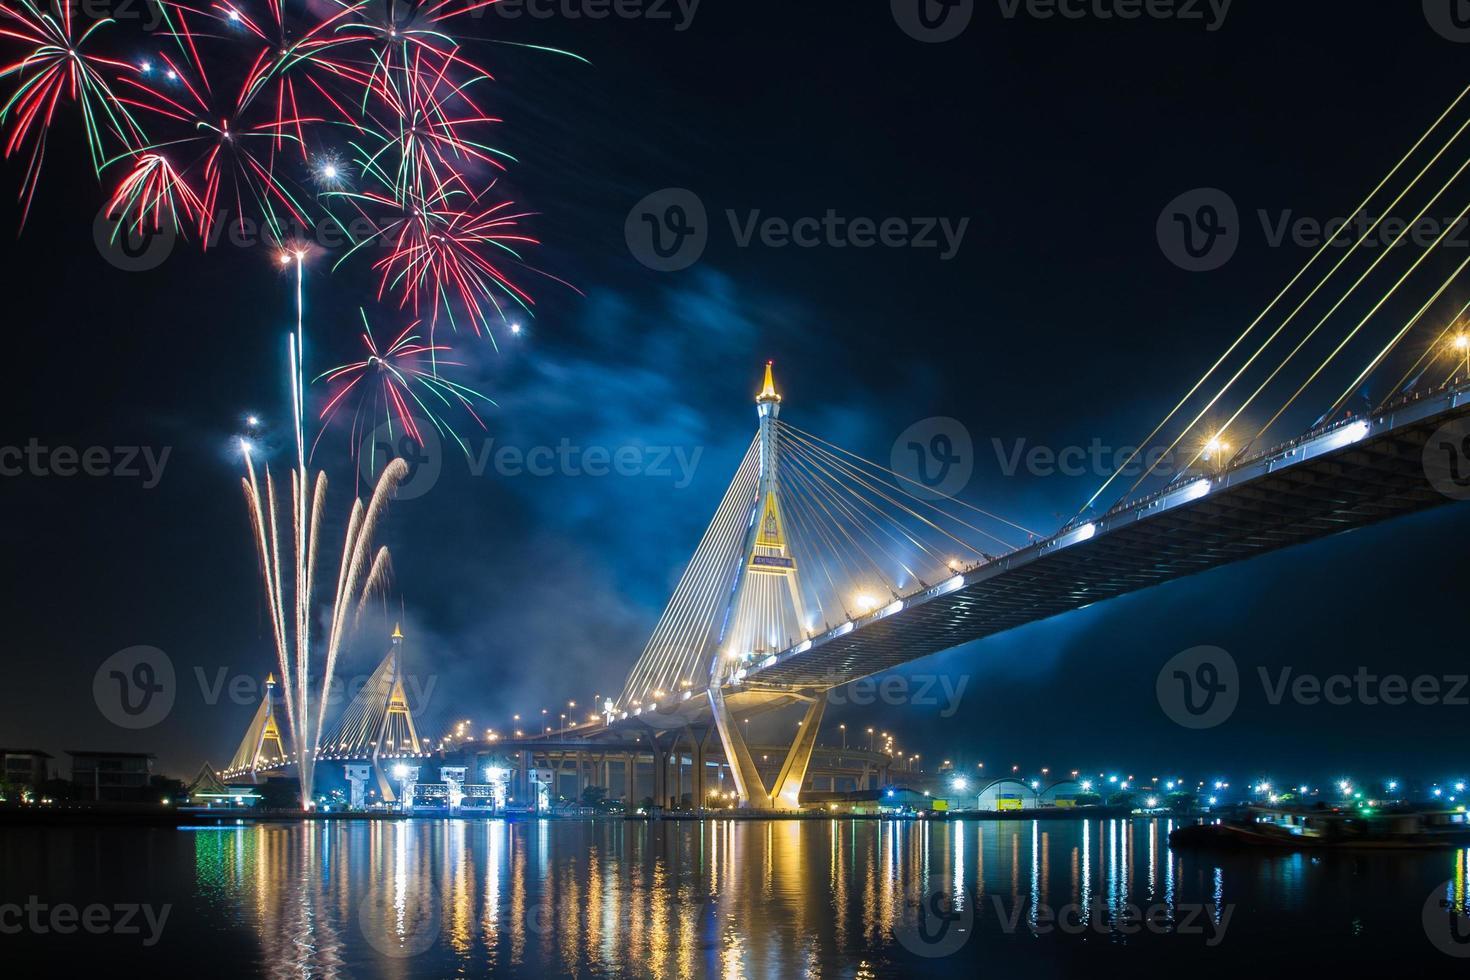 fogo de artifício viva o rei bkk Tailândia foto